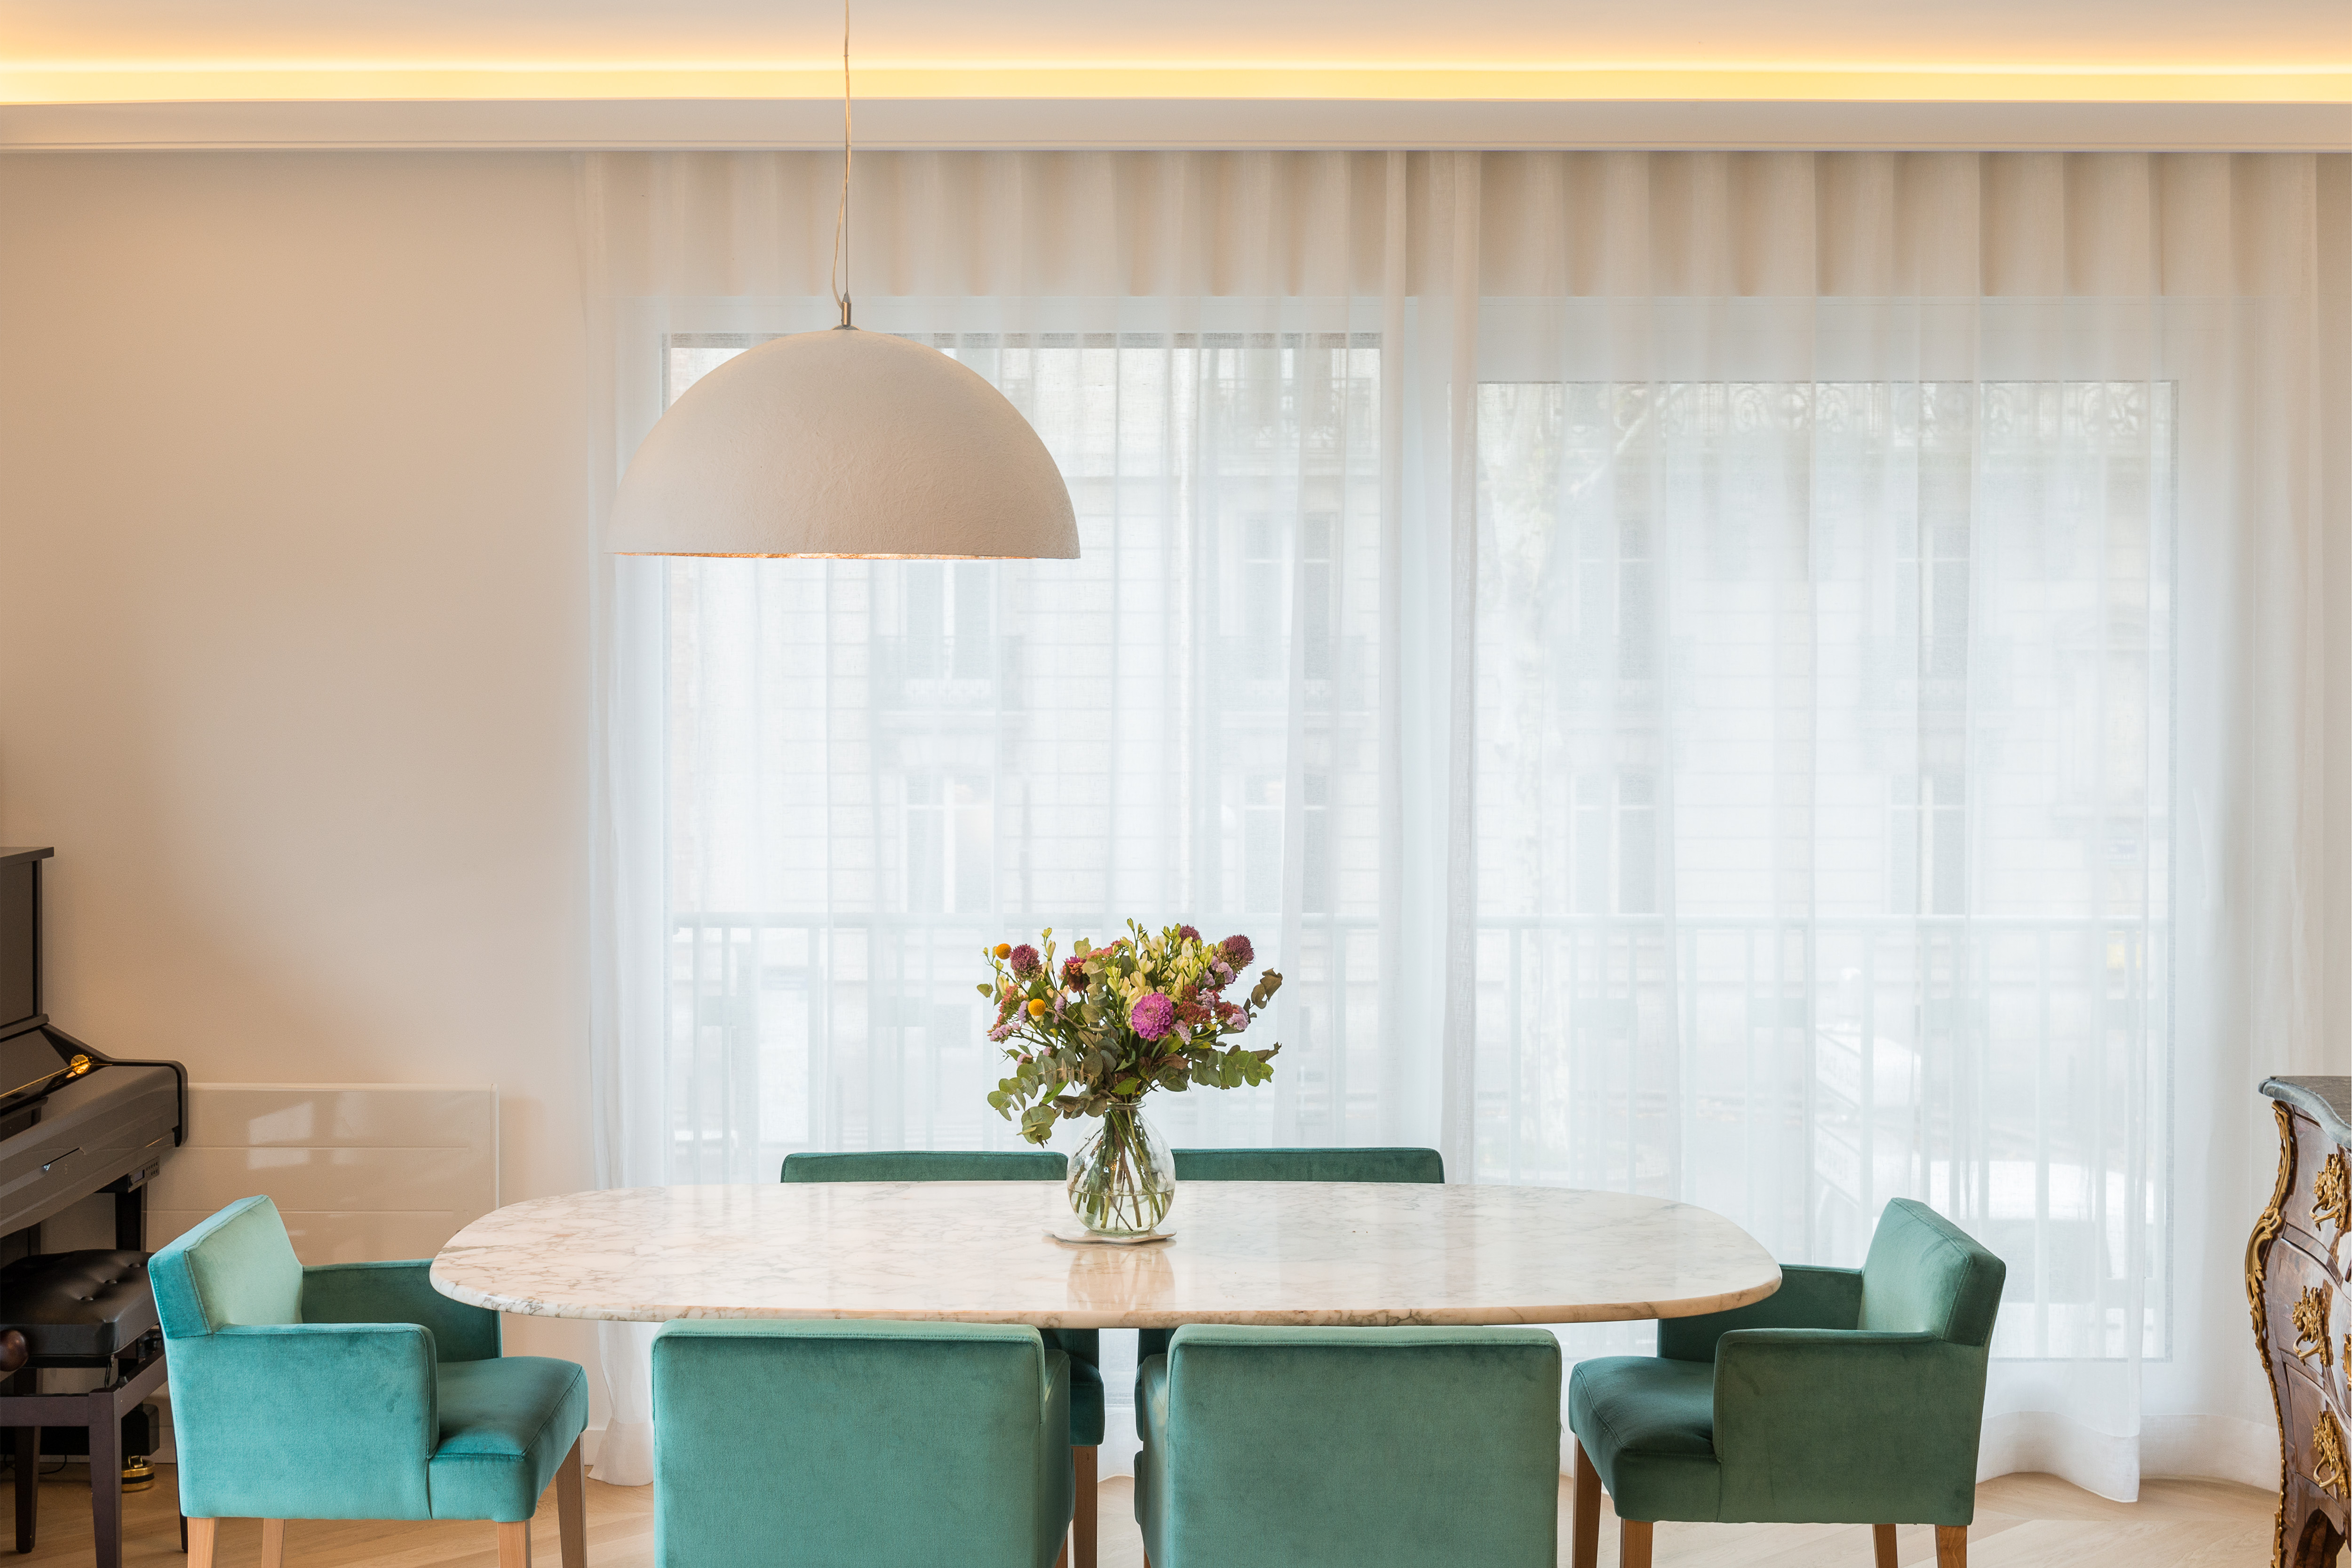 awesome appartement de m parc monceau paris me with dcorateur d intrieur connu. Black Bedroom Furniture Sets. Home Design Ideas